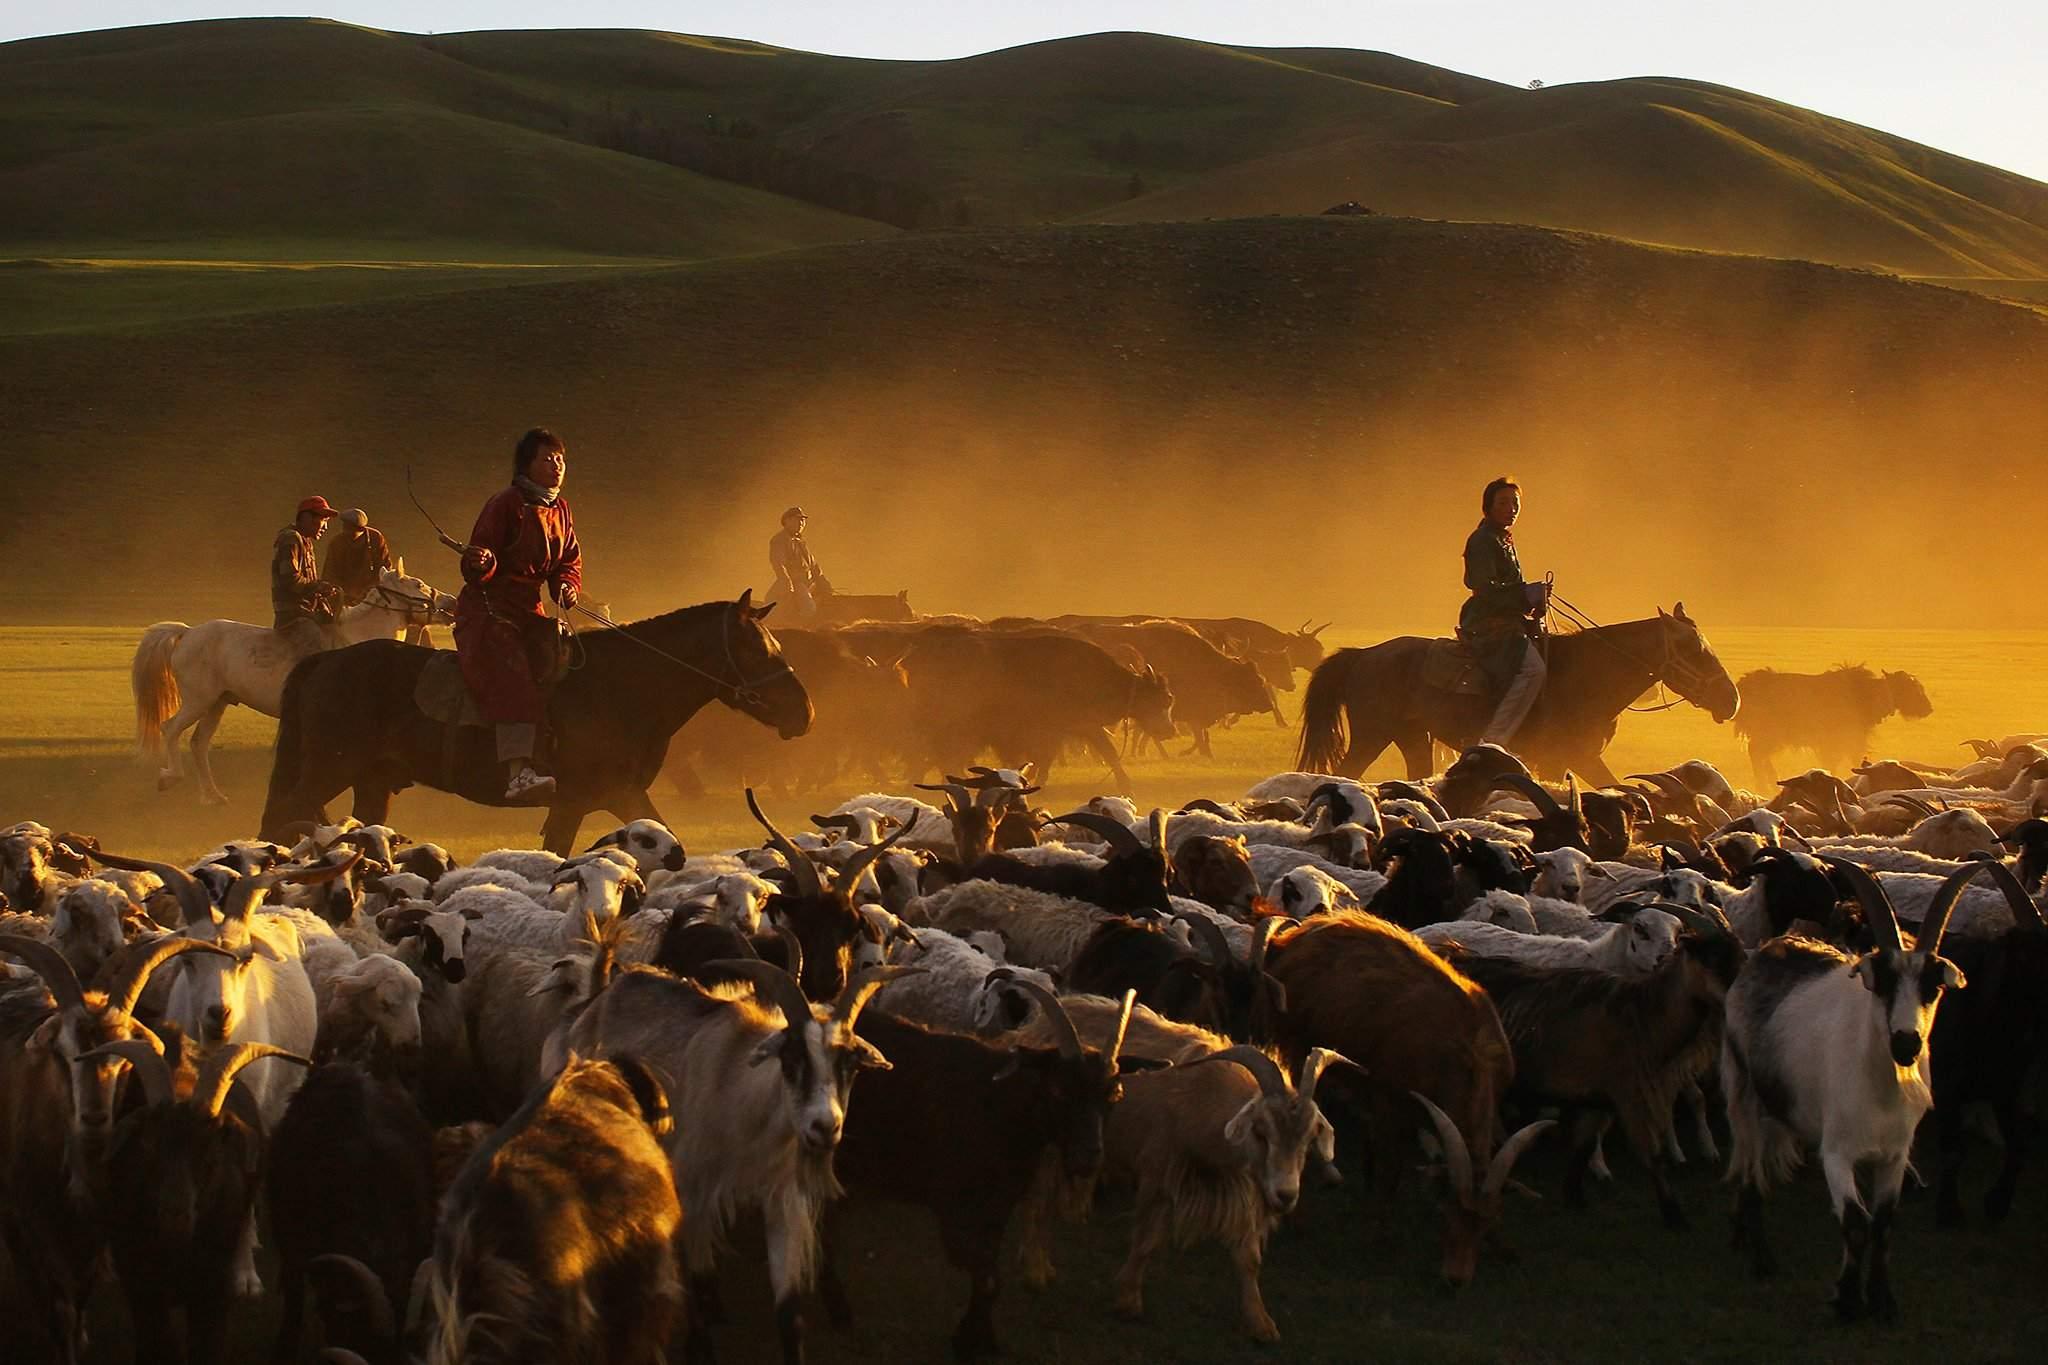 Монголчууд малаа гаргалгүйгээр цусыг нь уудаг. 300 грамм цус авч уухад мал үхэхгүй, хэд хоногийн дараа сэргэнэ.